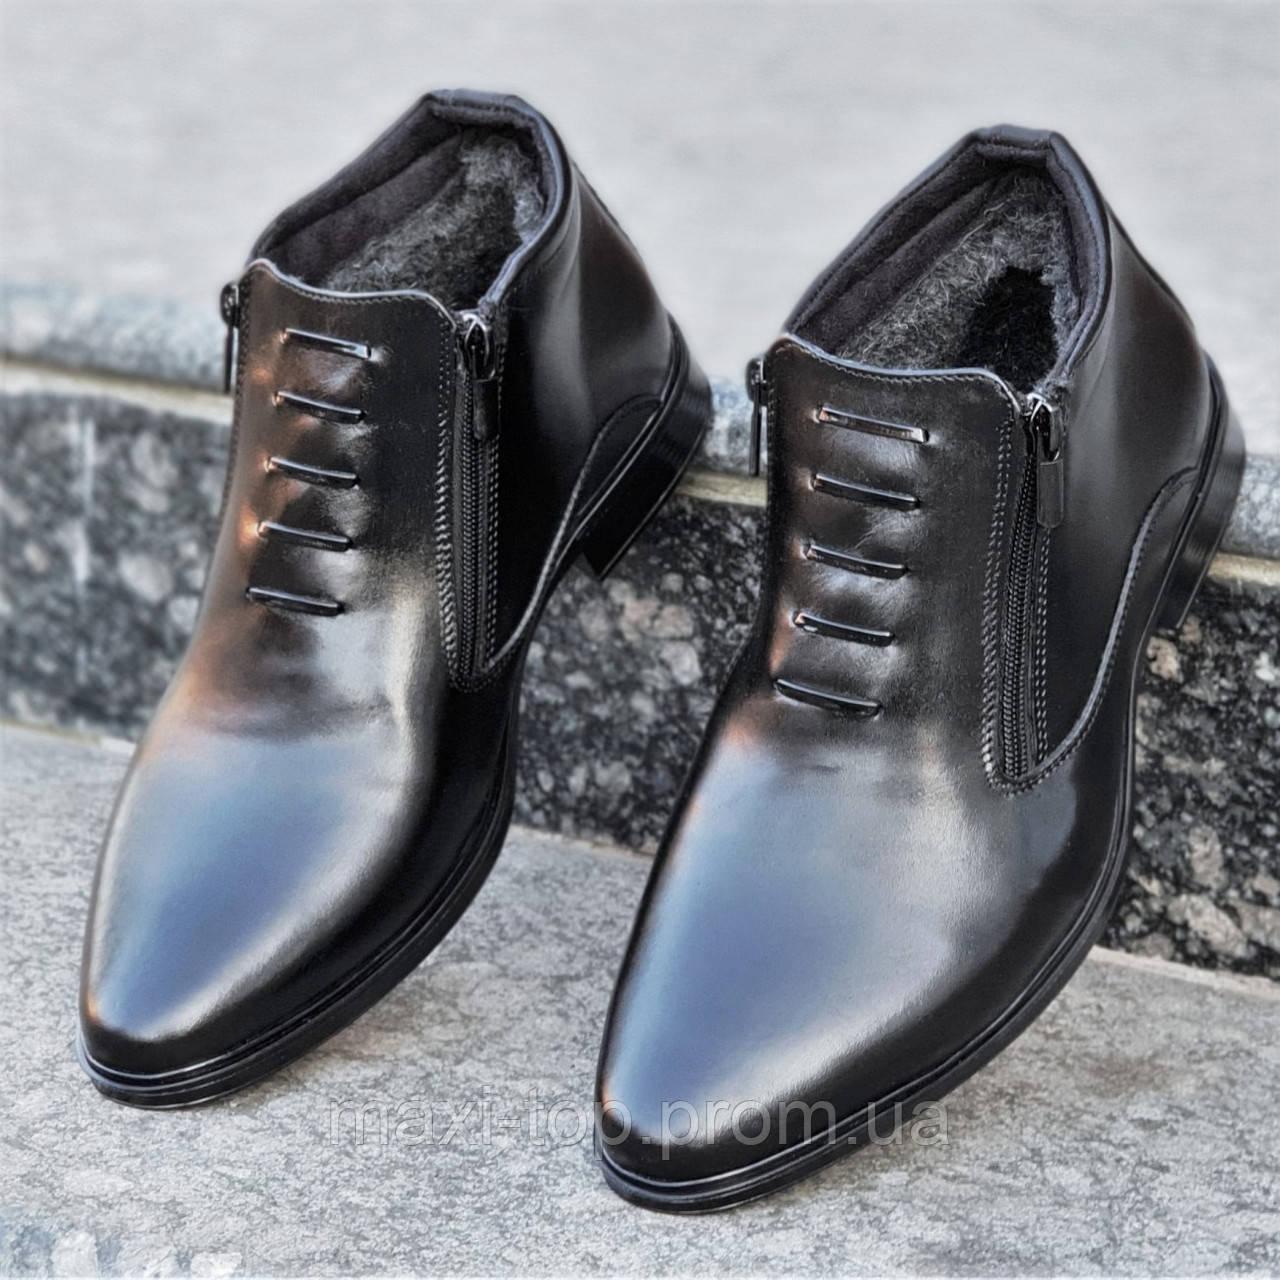 75b417fda Мужские зимние классические мужские ботинки полусапожки на молнии кожаные  черные с острым носком (Код: